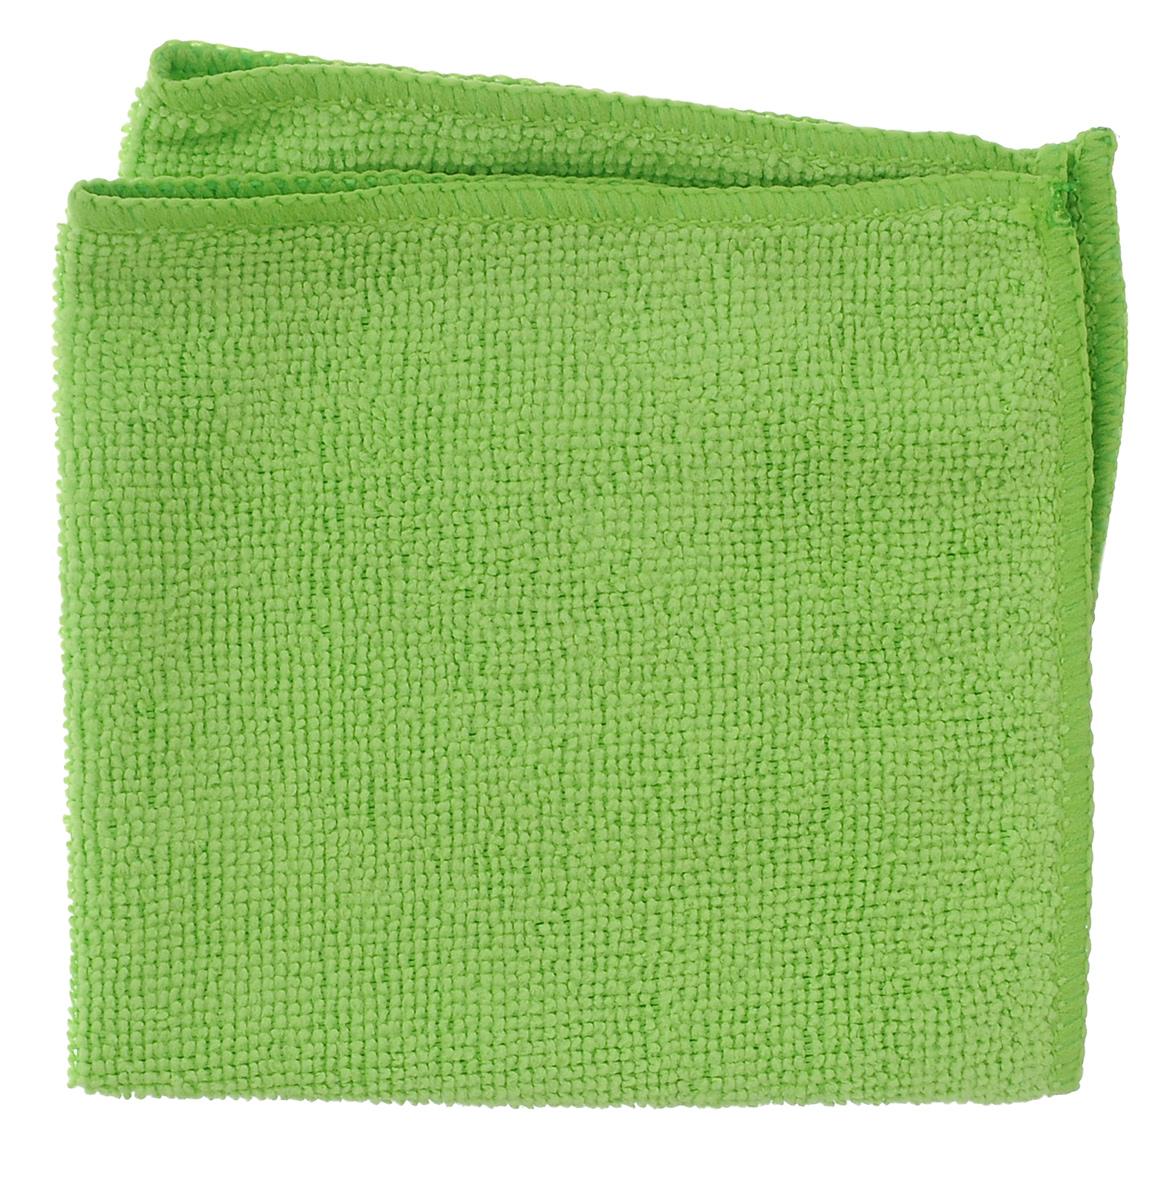 Салфетка универсальная Celesta, из микрофибры, цвет: салатовый, 30 см х 30 смES-412Салфетка Celesta, изготовленная из микрофибры (80% полиэстера и 20% полиамида), предназначена для сухой и влажной уборки. Подходит для ухода за любыми поверхностями. Благодаря специальной структуре волокон справляется с загрязнениями без использования моющих средств. Не оставляет разводов и ворсинок. Обладает отличными впитывающими свойствами.Размер салфетки: 30 см х 30 см.